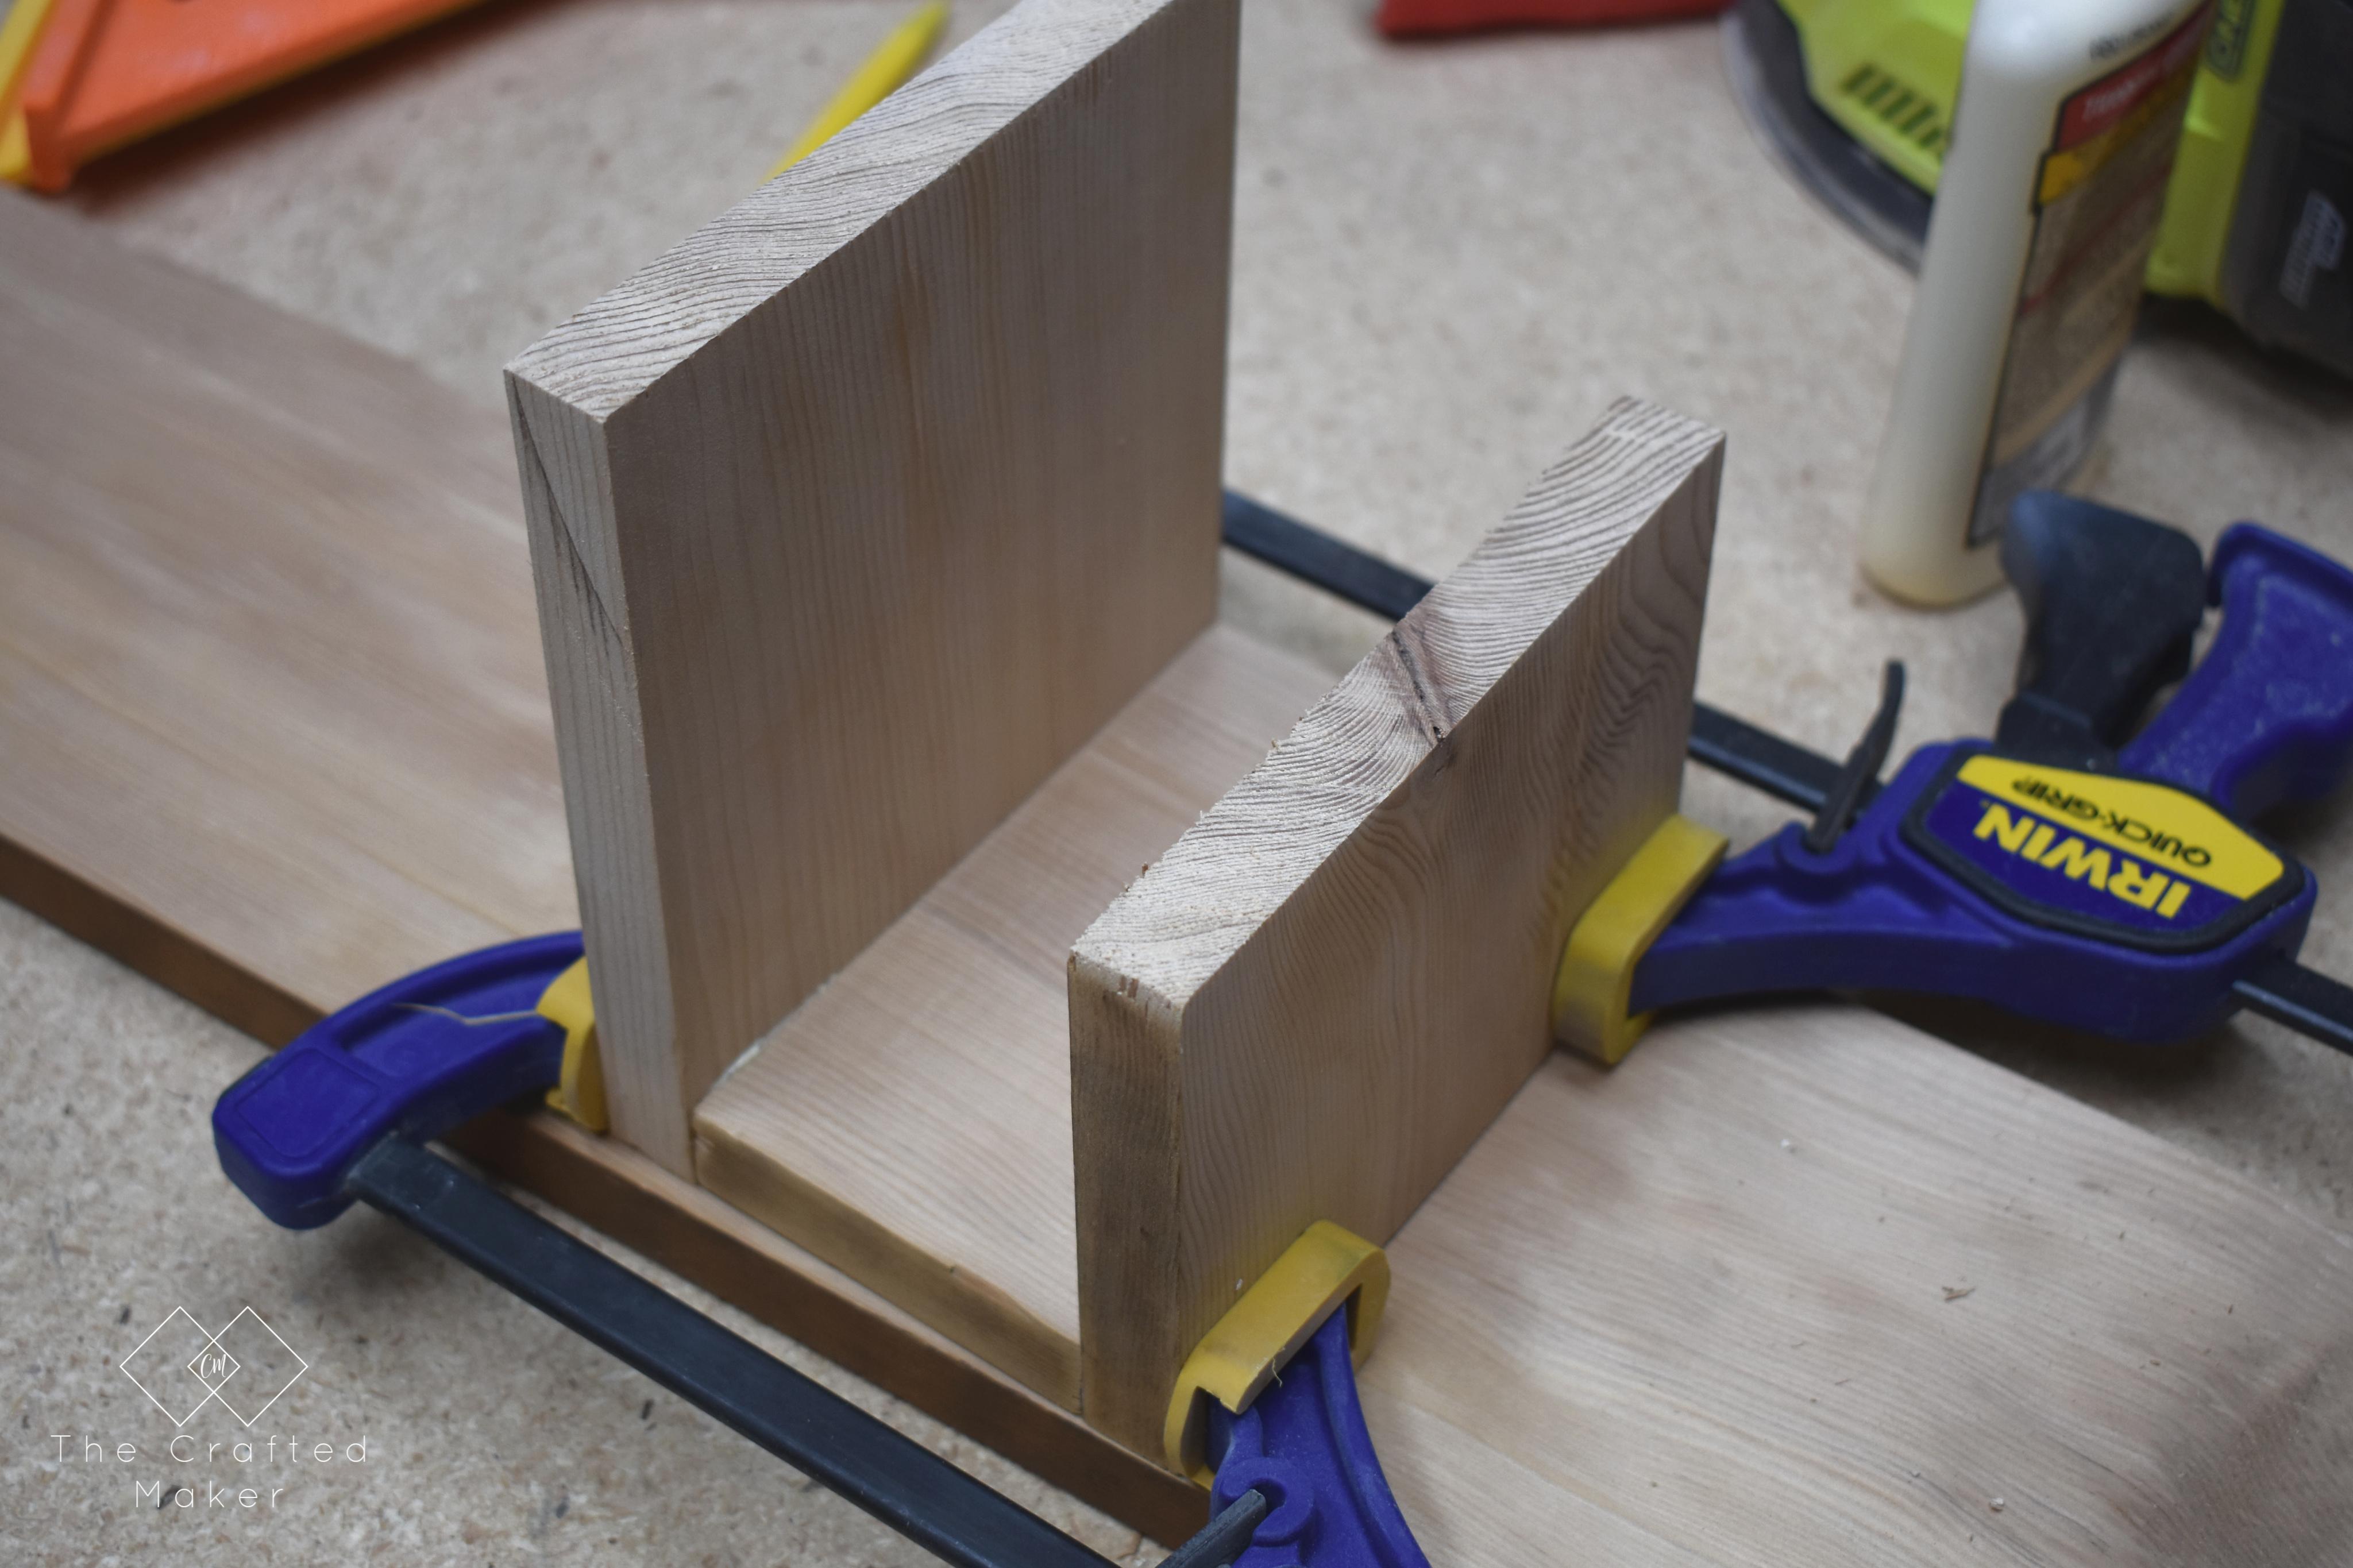 Diy Napkin Holder The Crafted Maker